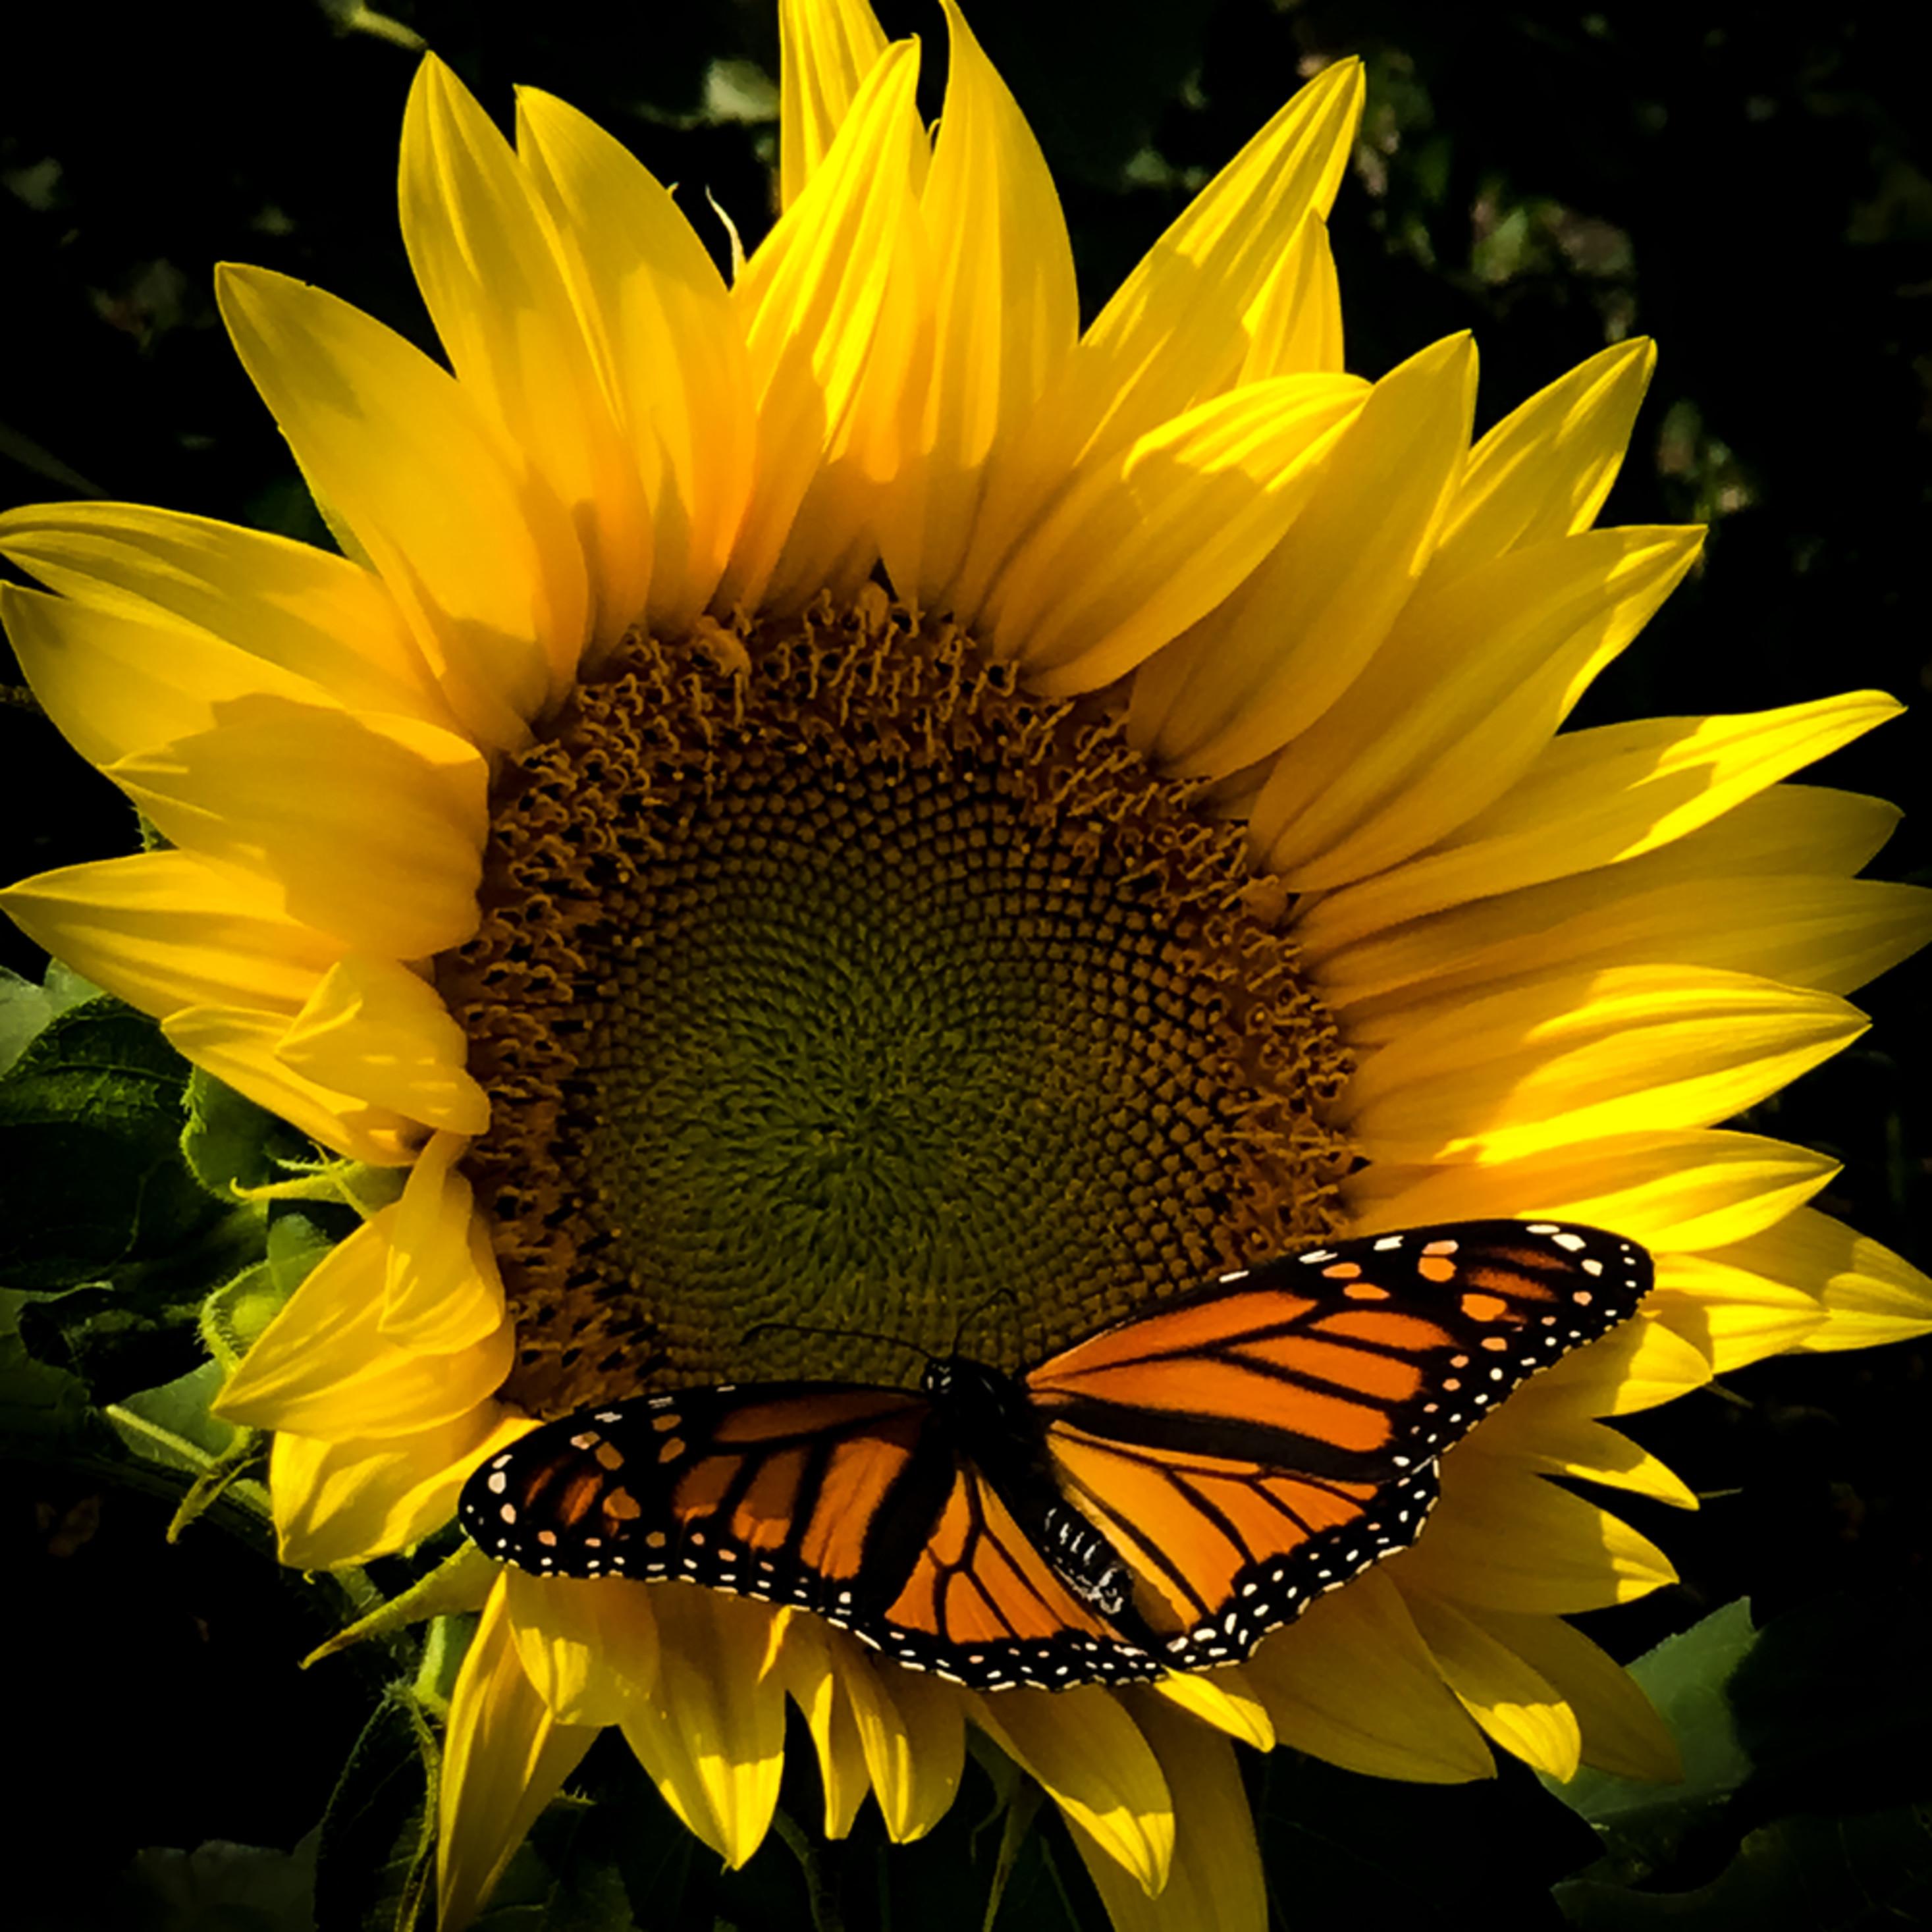 Sunflower butter ghm5l8